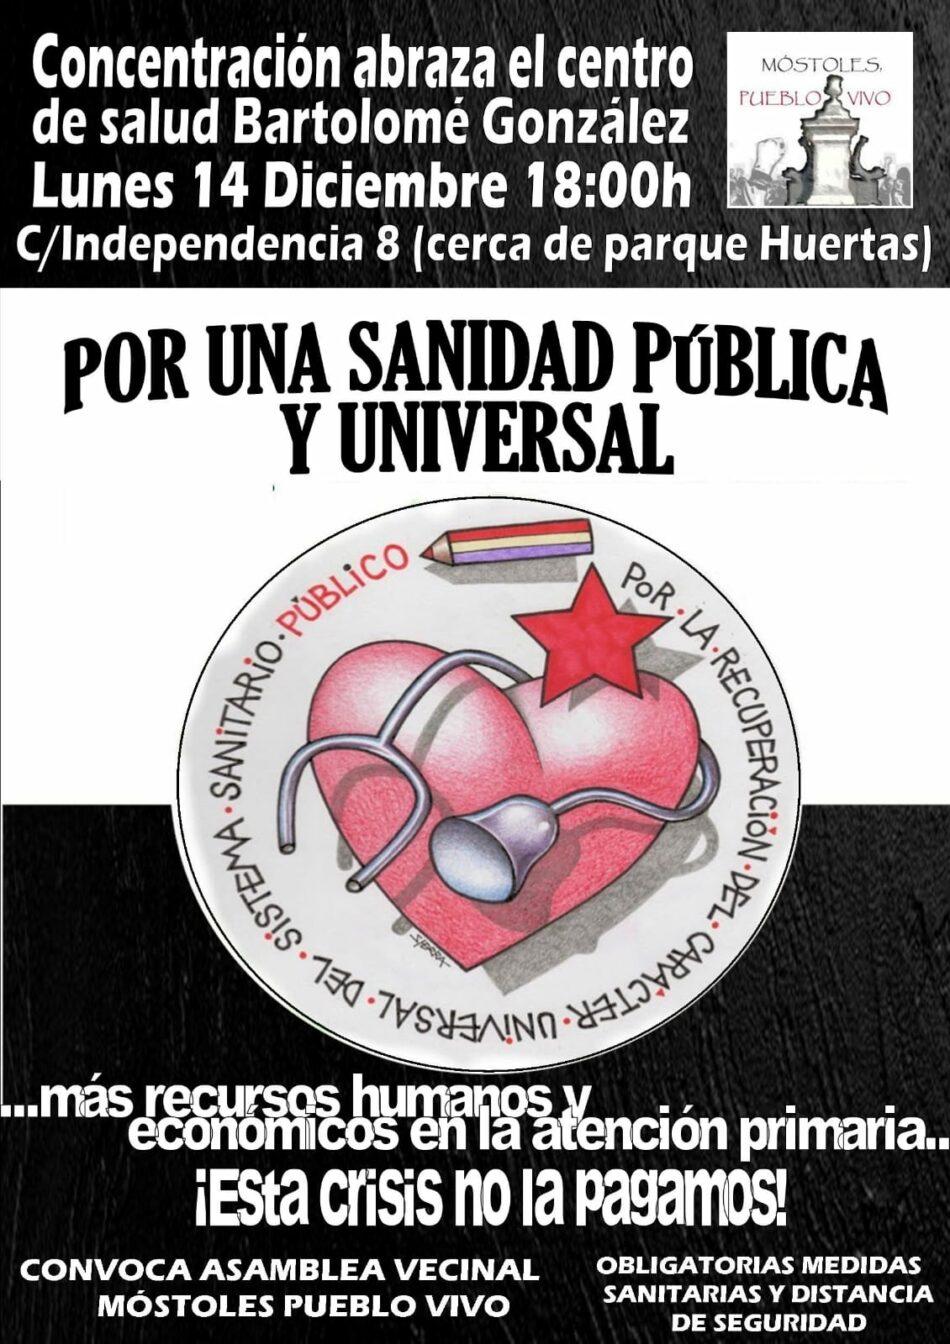 Móstoles, Pueblo Vivo llama a concentrarse frente al ambulatorio Bartolomé González para defender la sanidad pública